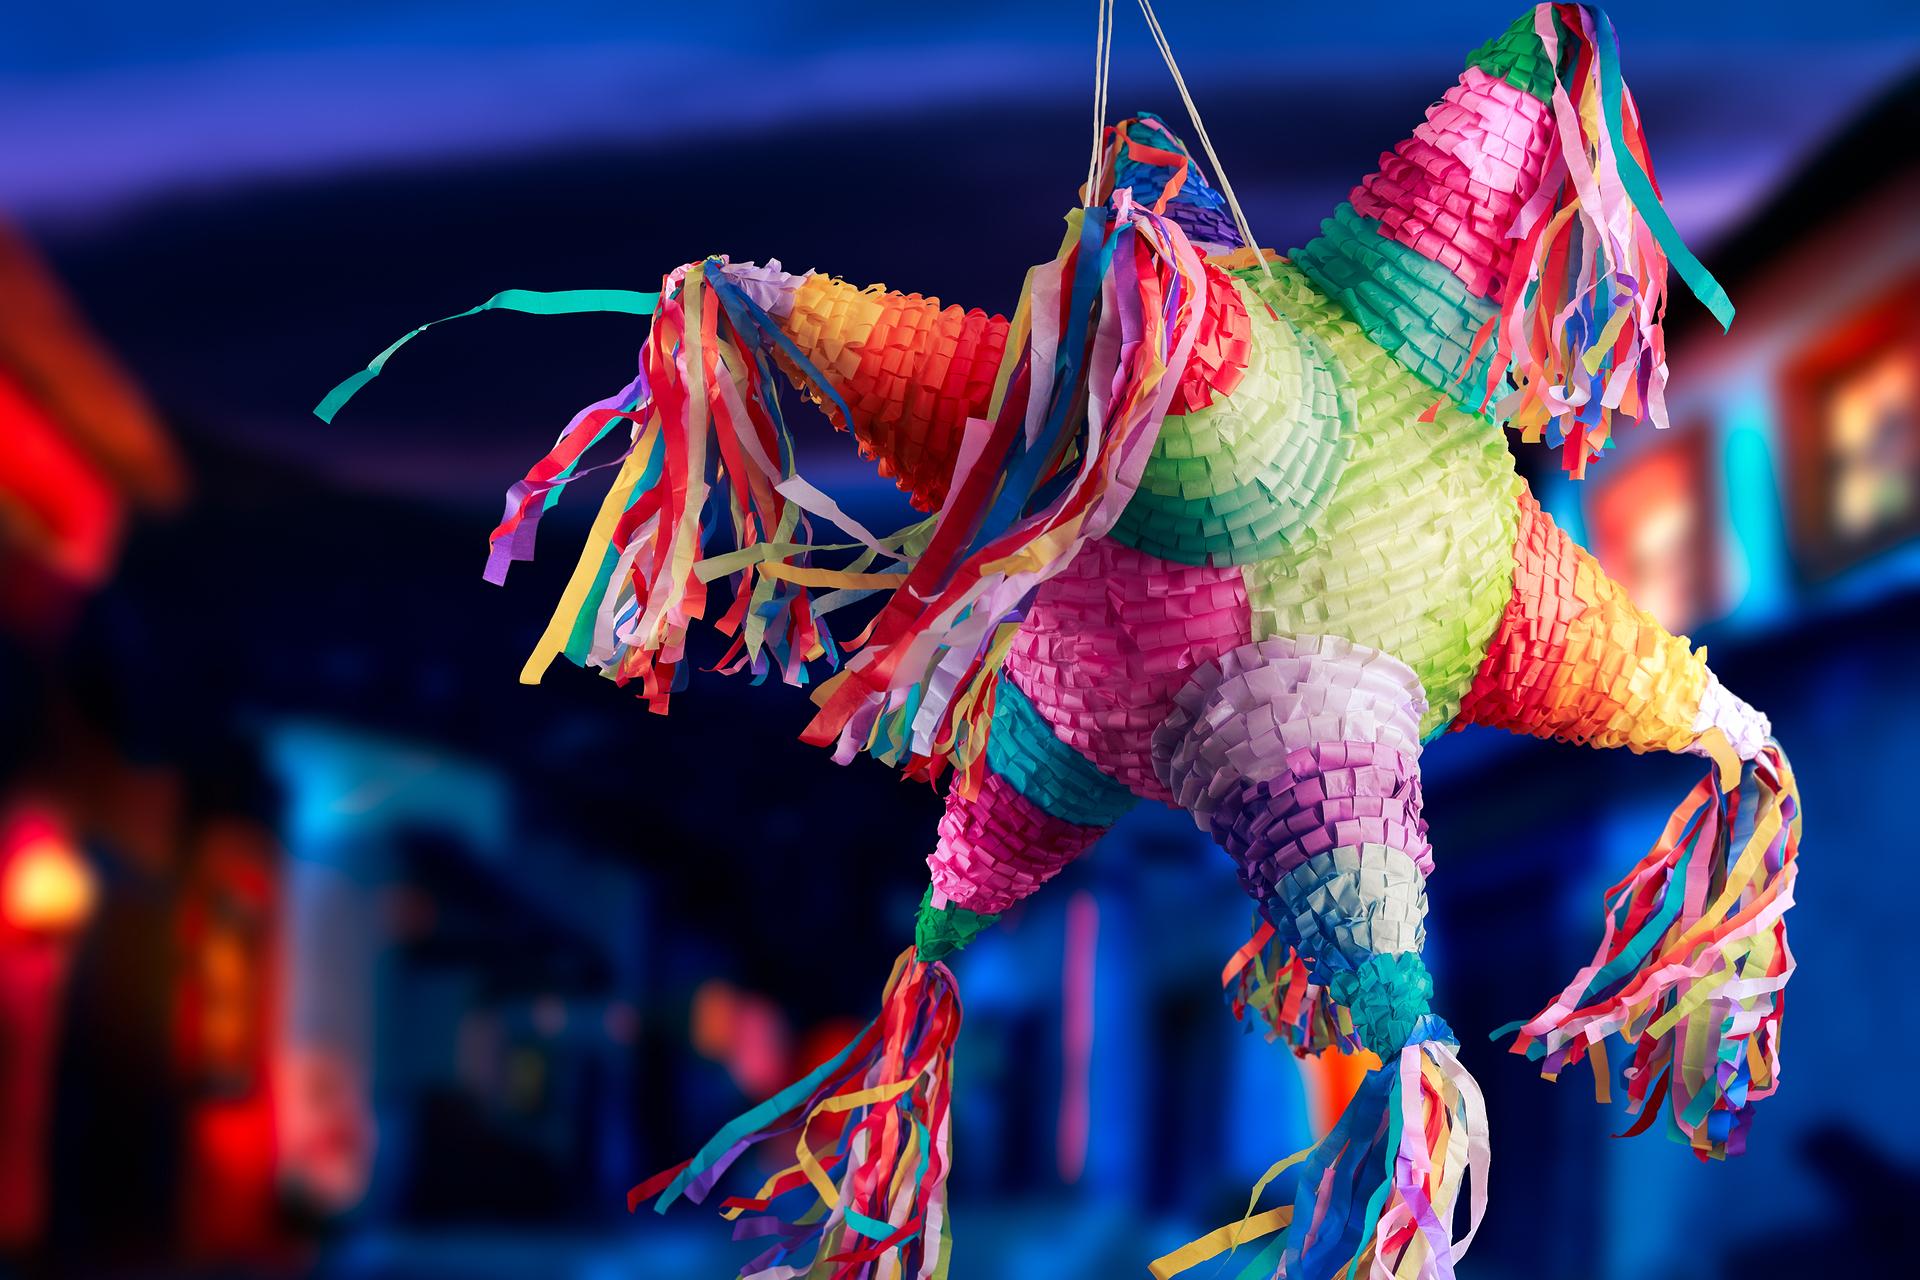 Slå hull på piñataen!